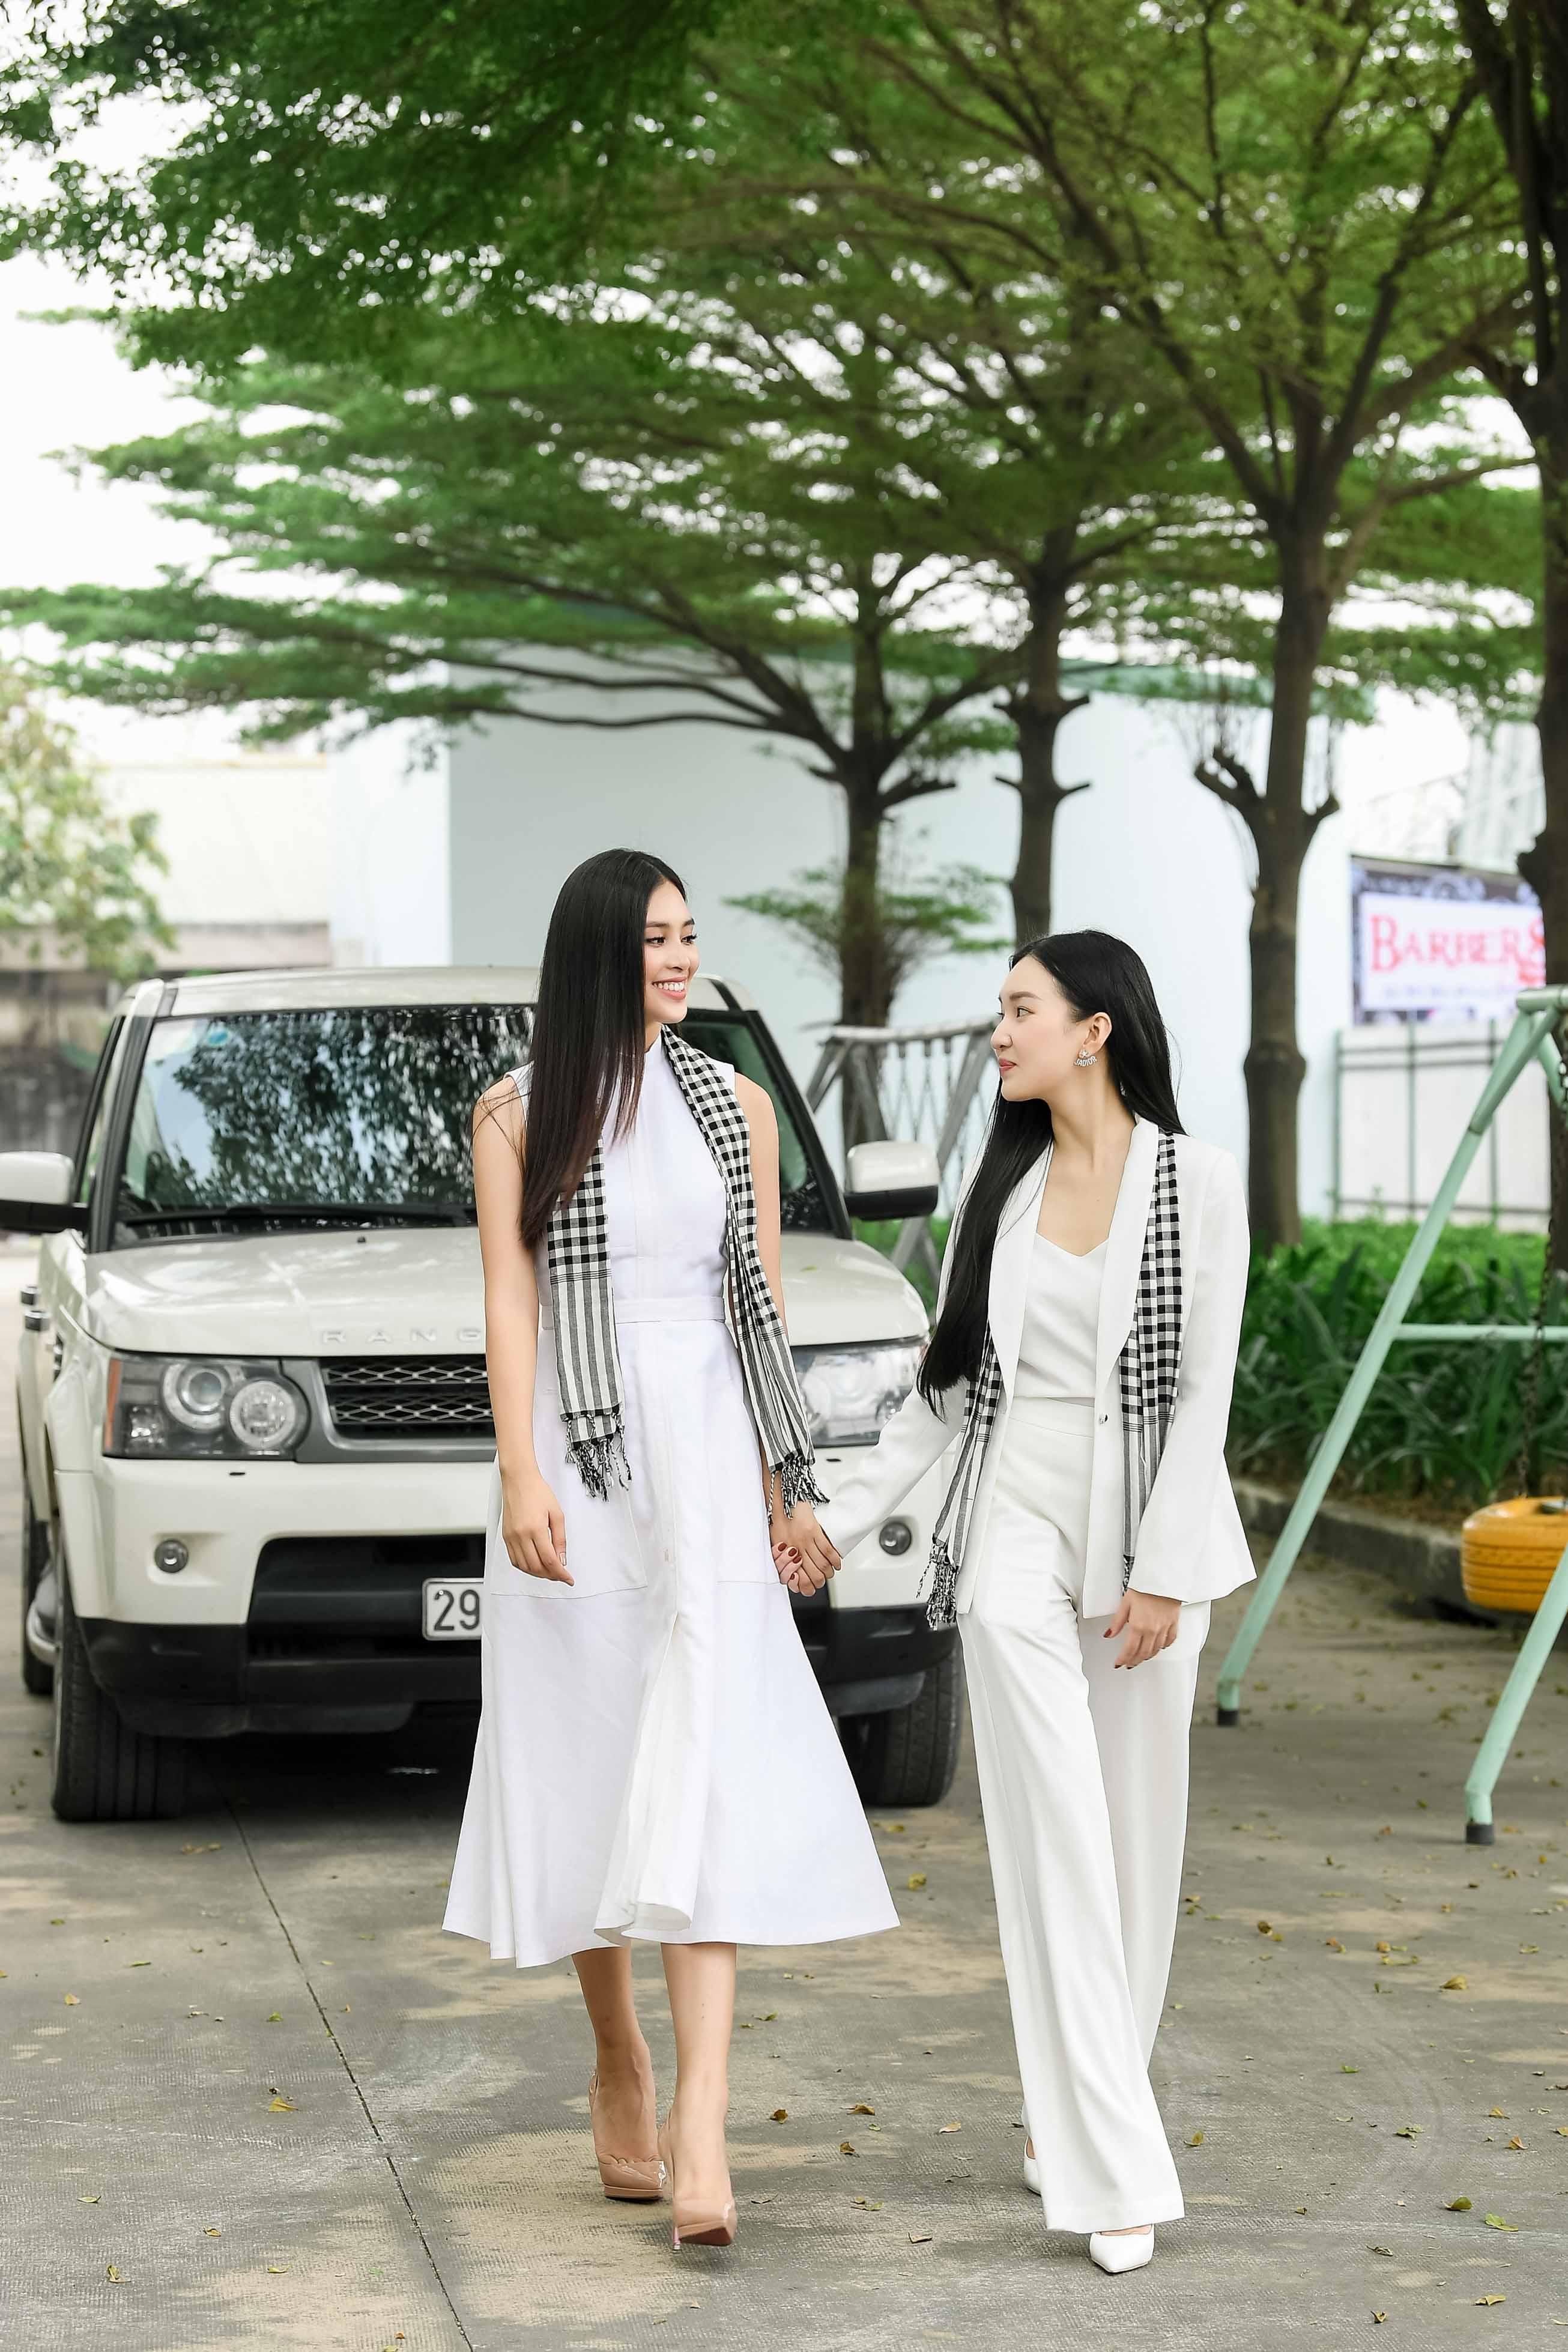 Dàn siêu xe của vua cafe Đặng Lê Nguyên Vũ hộ tống Hoa hậu Tiểu Vy đến Bình Dương 2